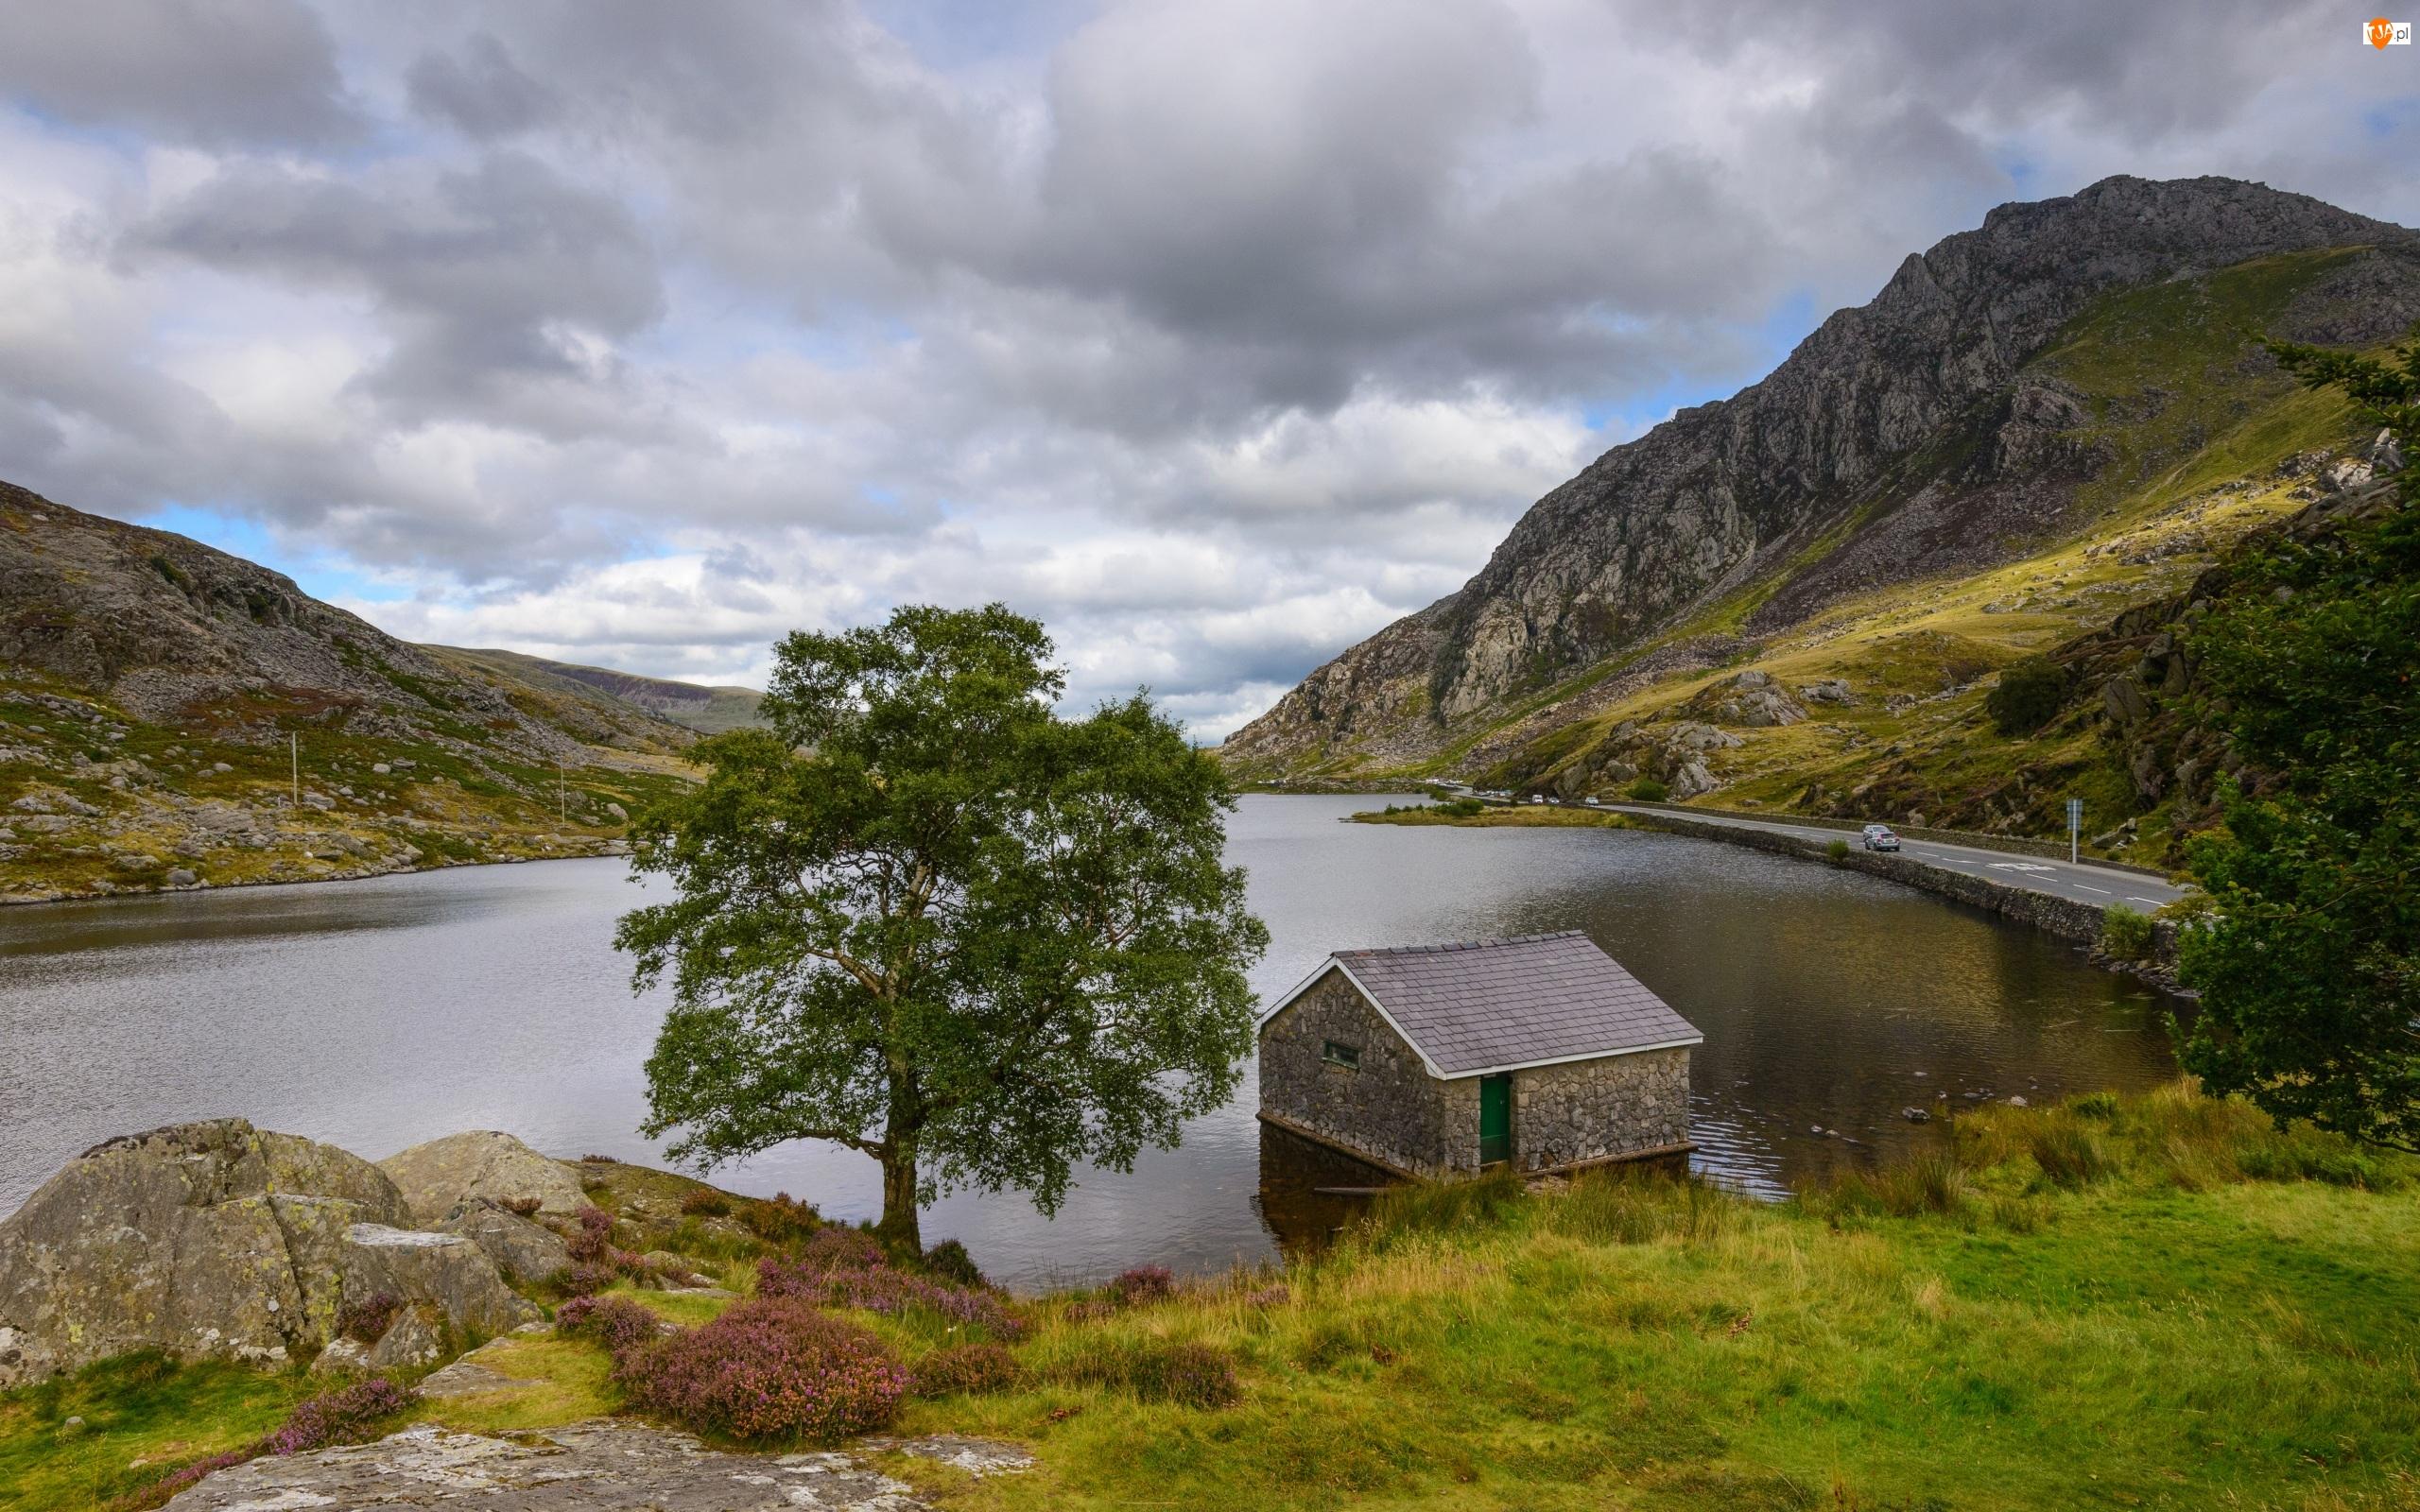 Drzewa, Góry, Walia, Wielka Brytania, Droga, Park Narodowy Snowdonia, Jezioro Llyn Ogwen